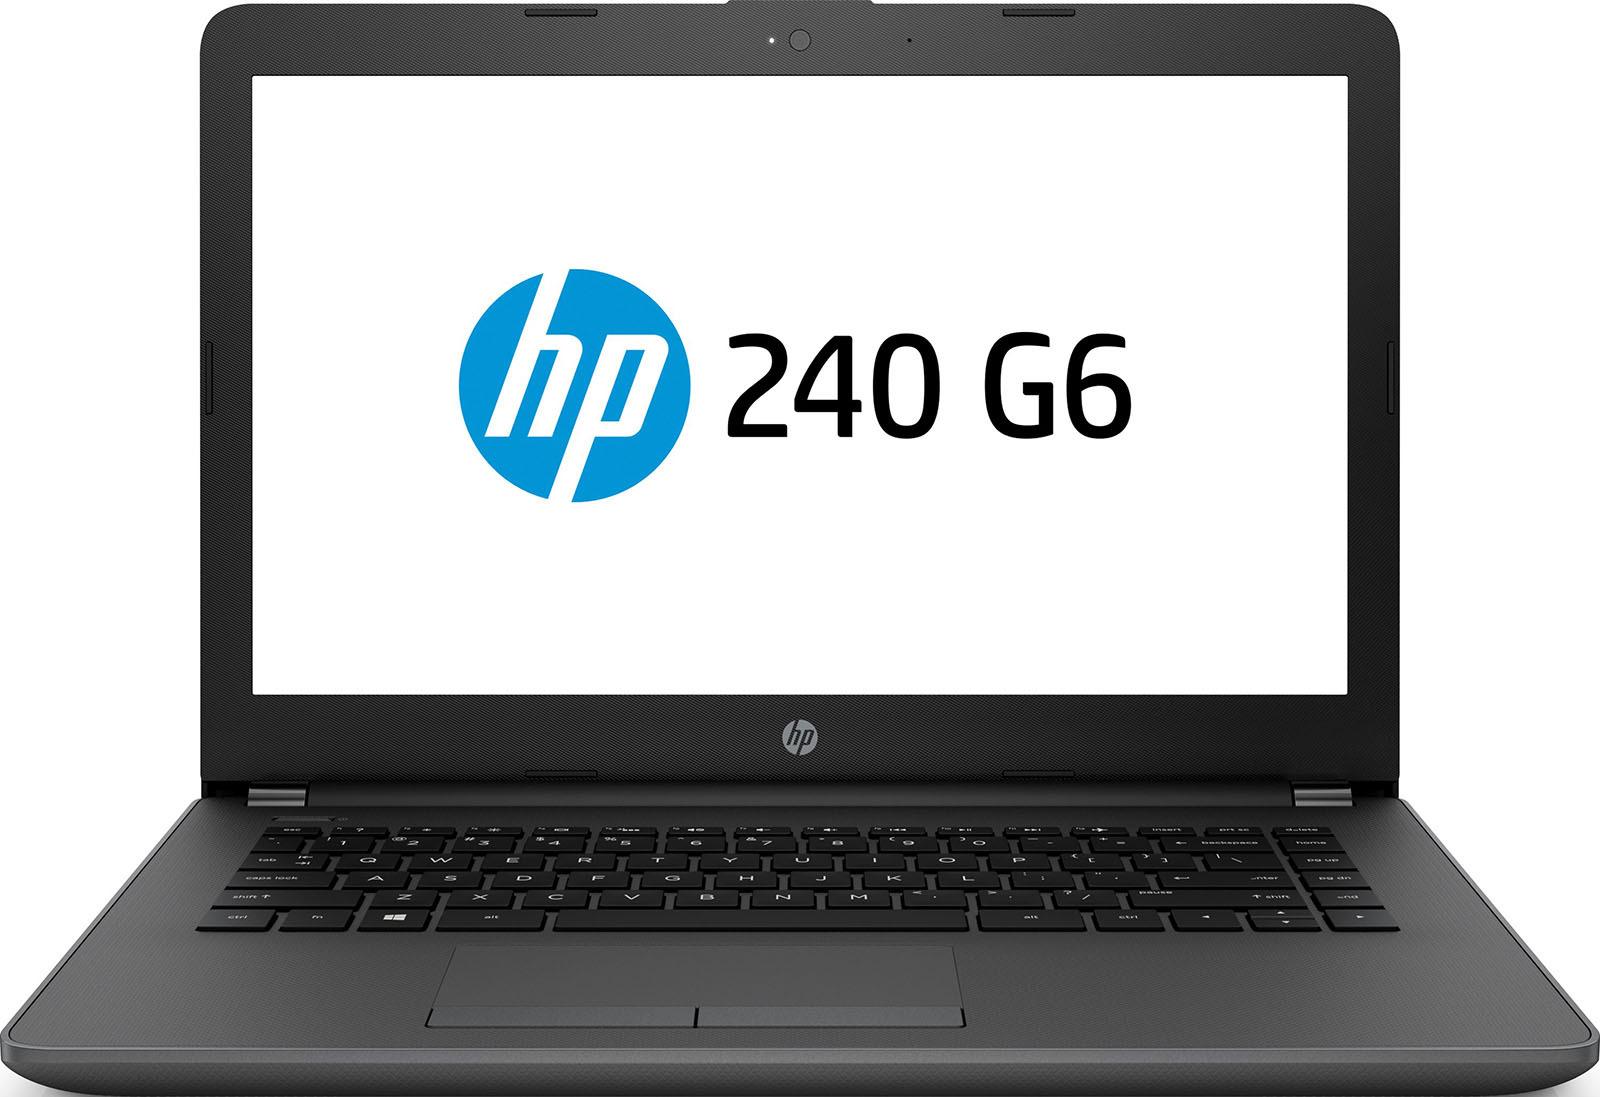 14 Ноутбук HP 240 G6 4QX60EA, черный, темно-серый